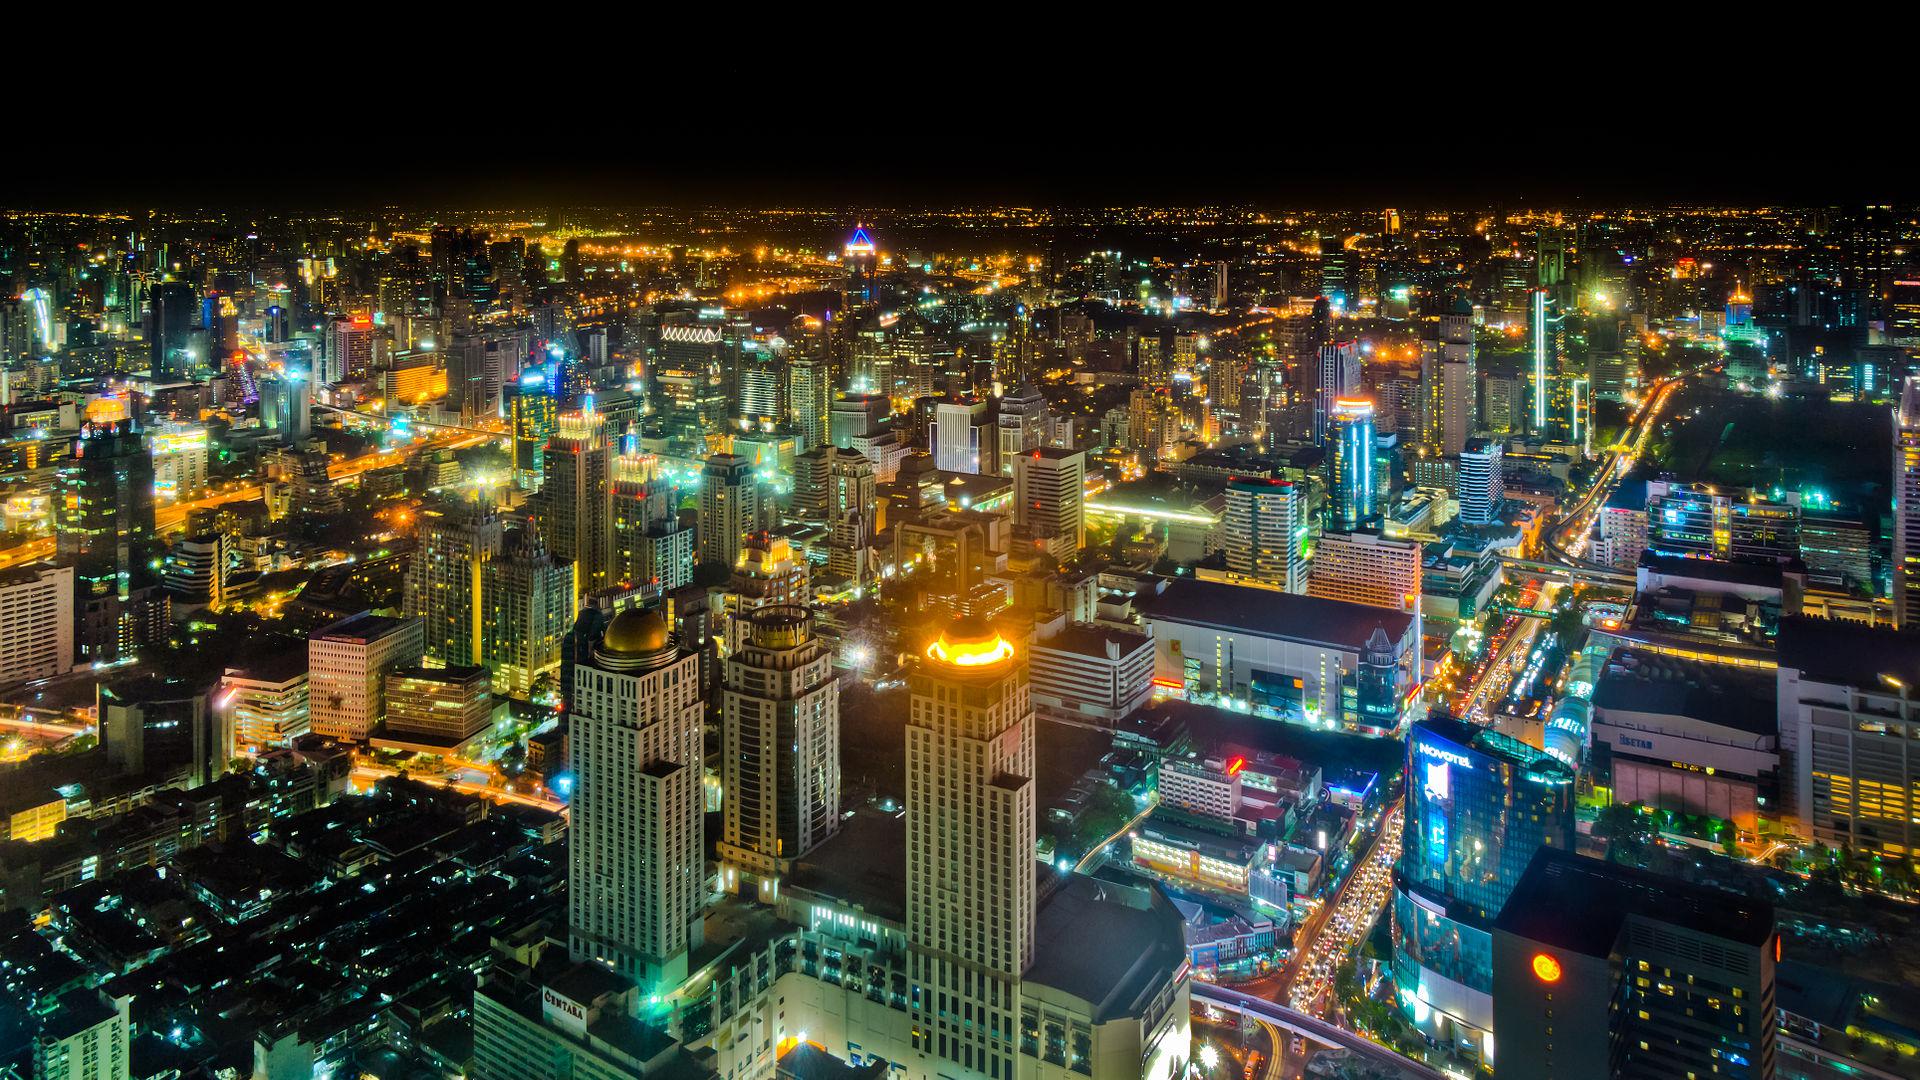 https://upload.wikimedia.org/wikipedia/commons/thumb/8/87/Bangkok_at_night_01_%28MK%29.jpg/1920px-Bangkok_at_night_01_%28MK%29.jpg